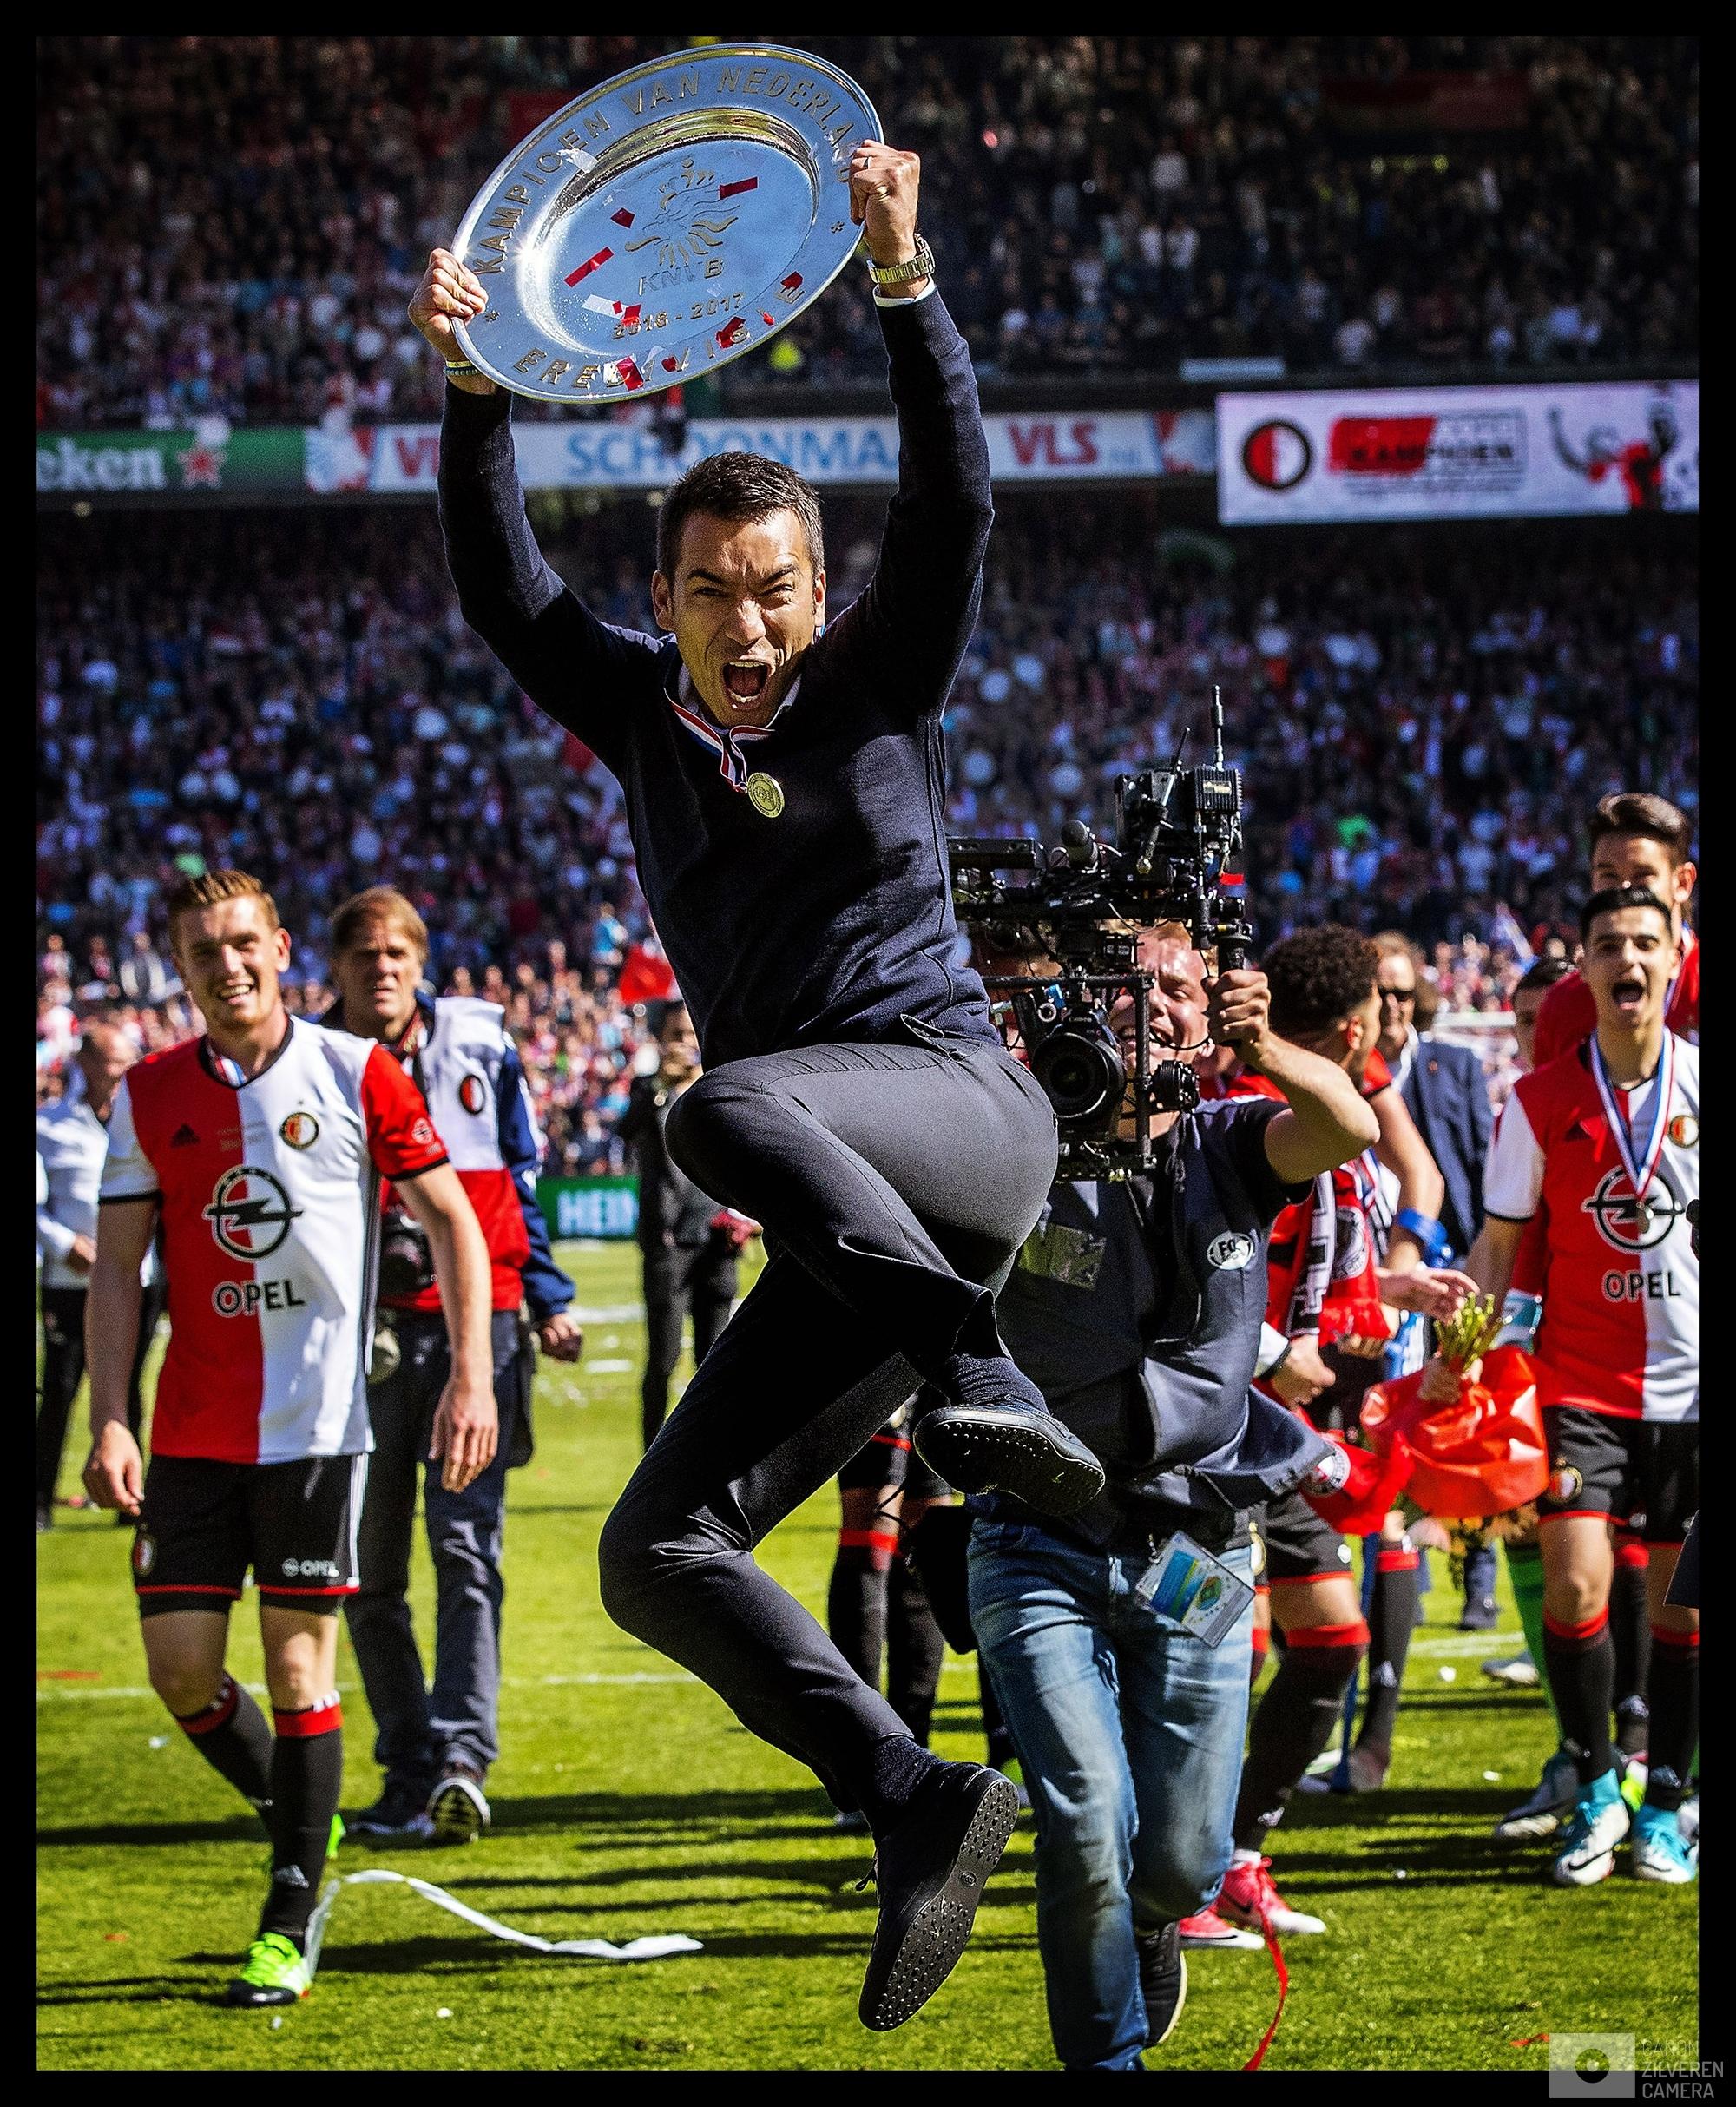 Nederland, Rotterdam, 14-05-2017Feyenoord voor het eerst in 18 jaar landskampioen.Kampioenswedstrijd Feyenoord-Heracles seizoen 2016/2017Giovanni van Bronckhorst springt een gat in de lucht met de schaal